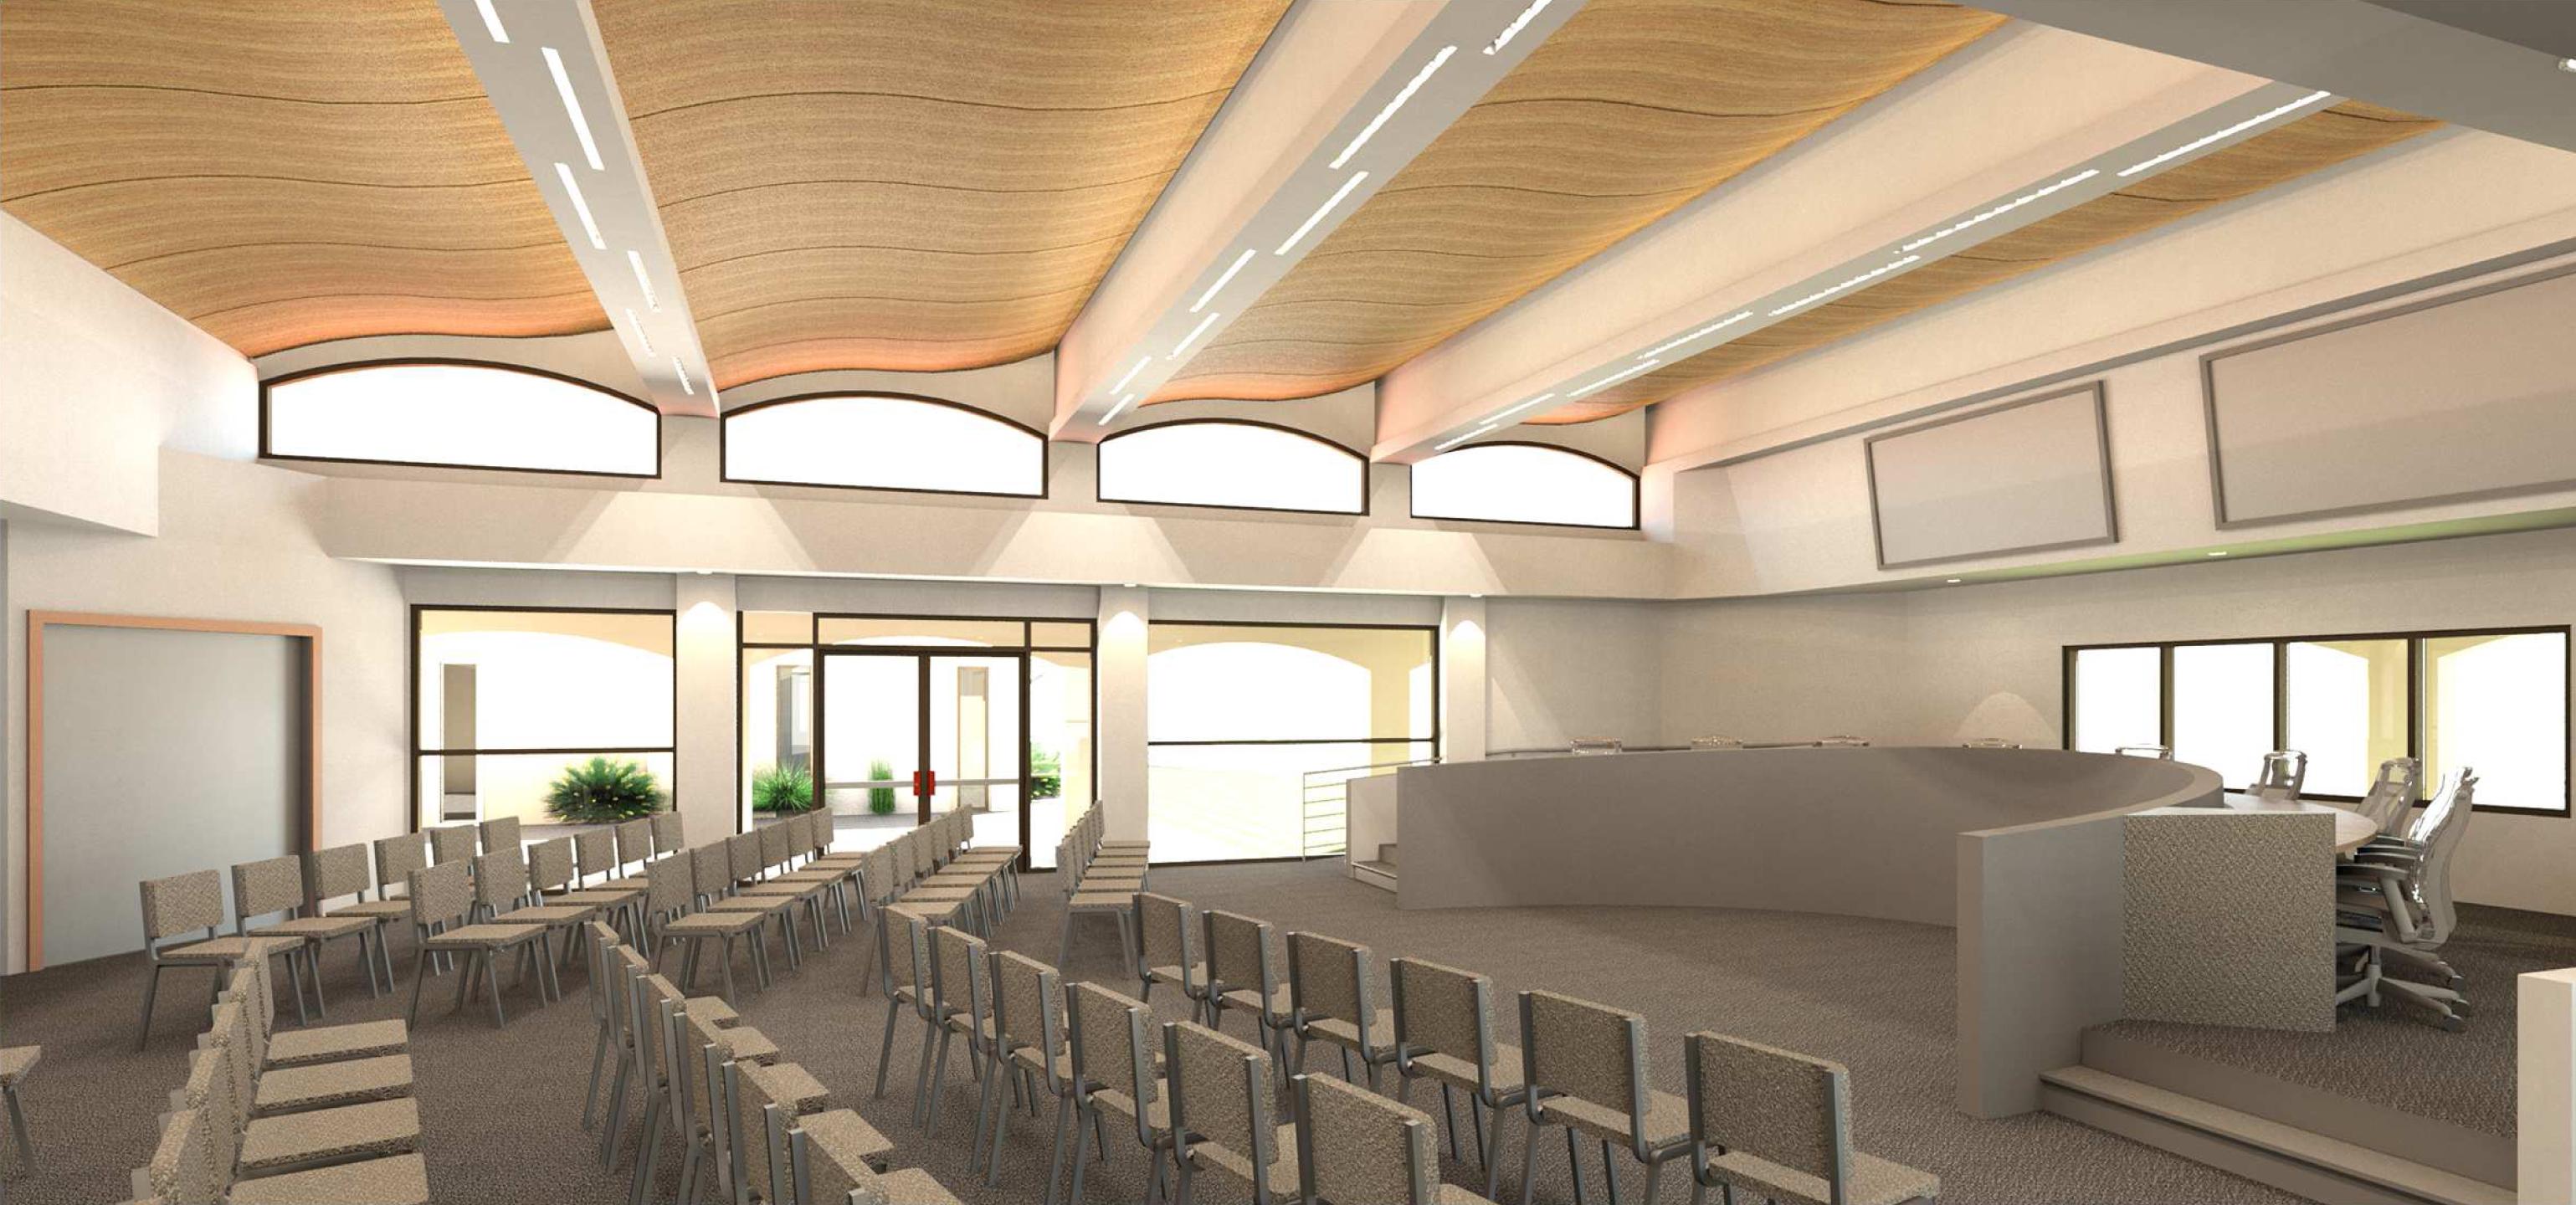 Board Room/Meeting Room